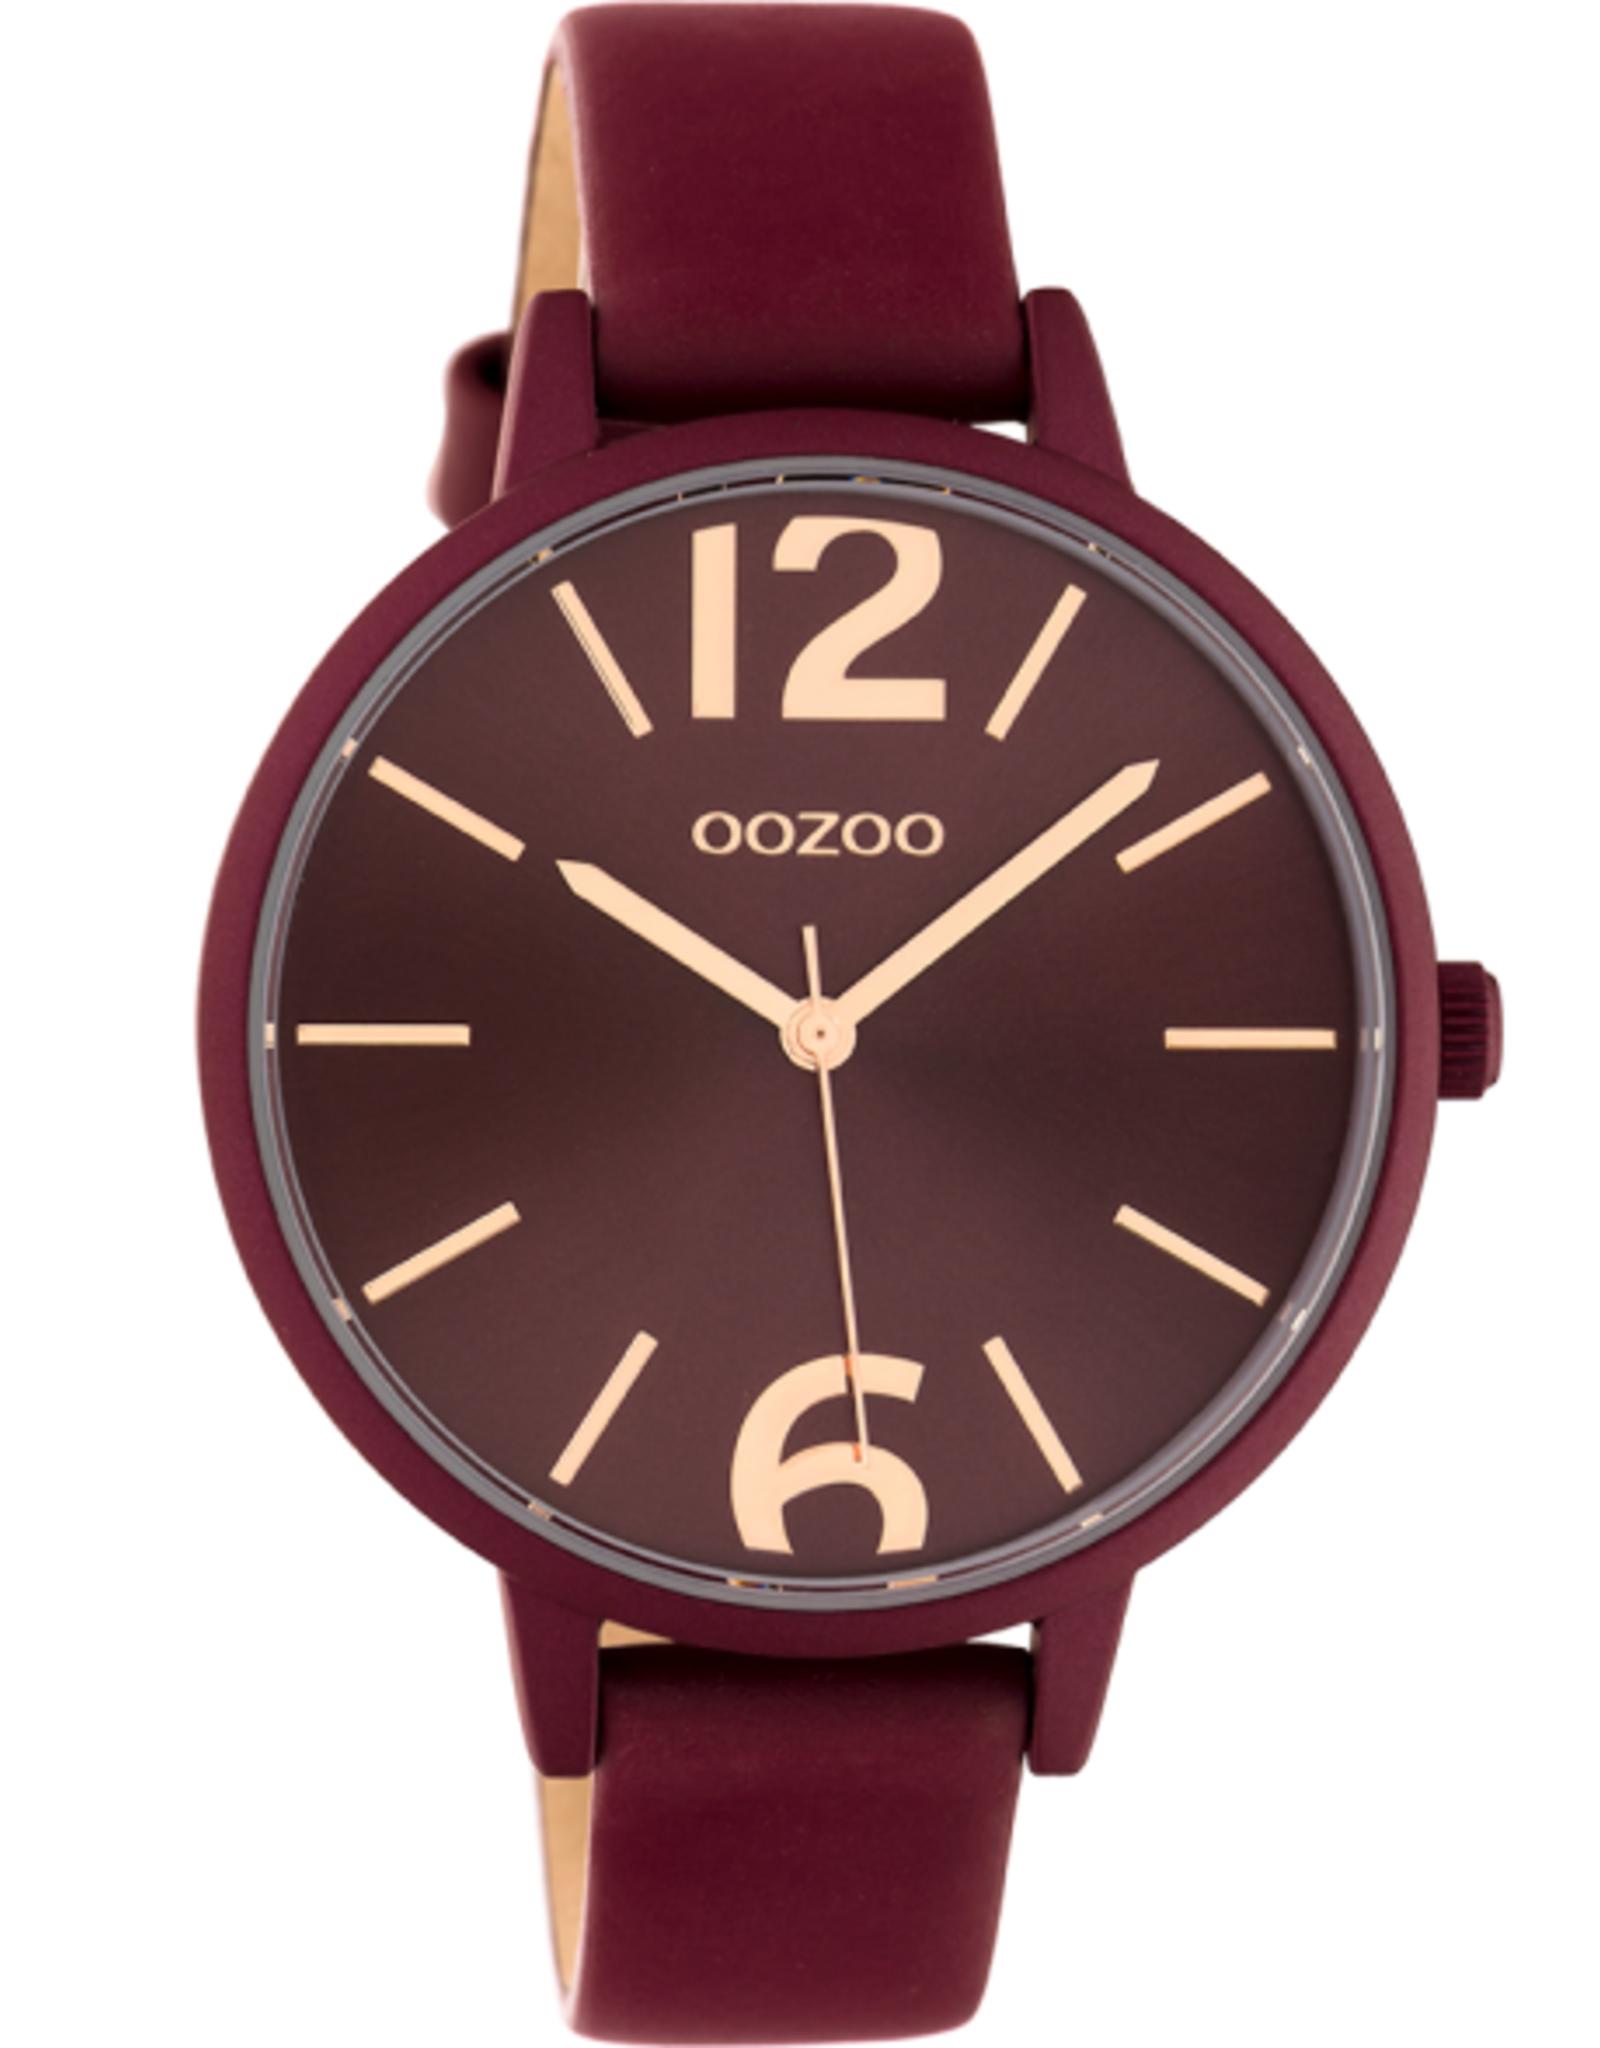 OOZOO Horloge wijnrood/rosé 42mm C10444 - OOZOO